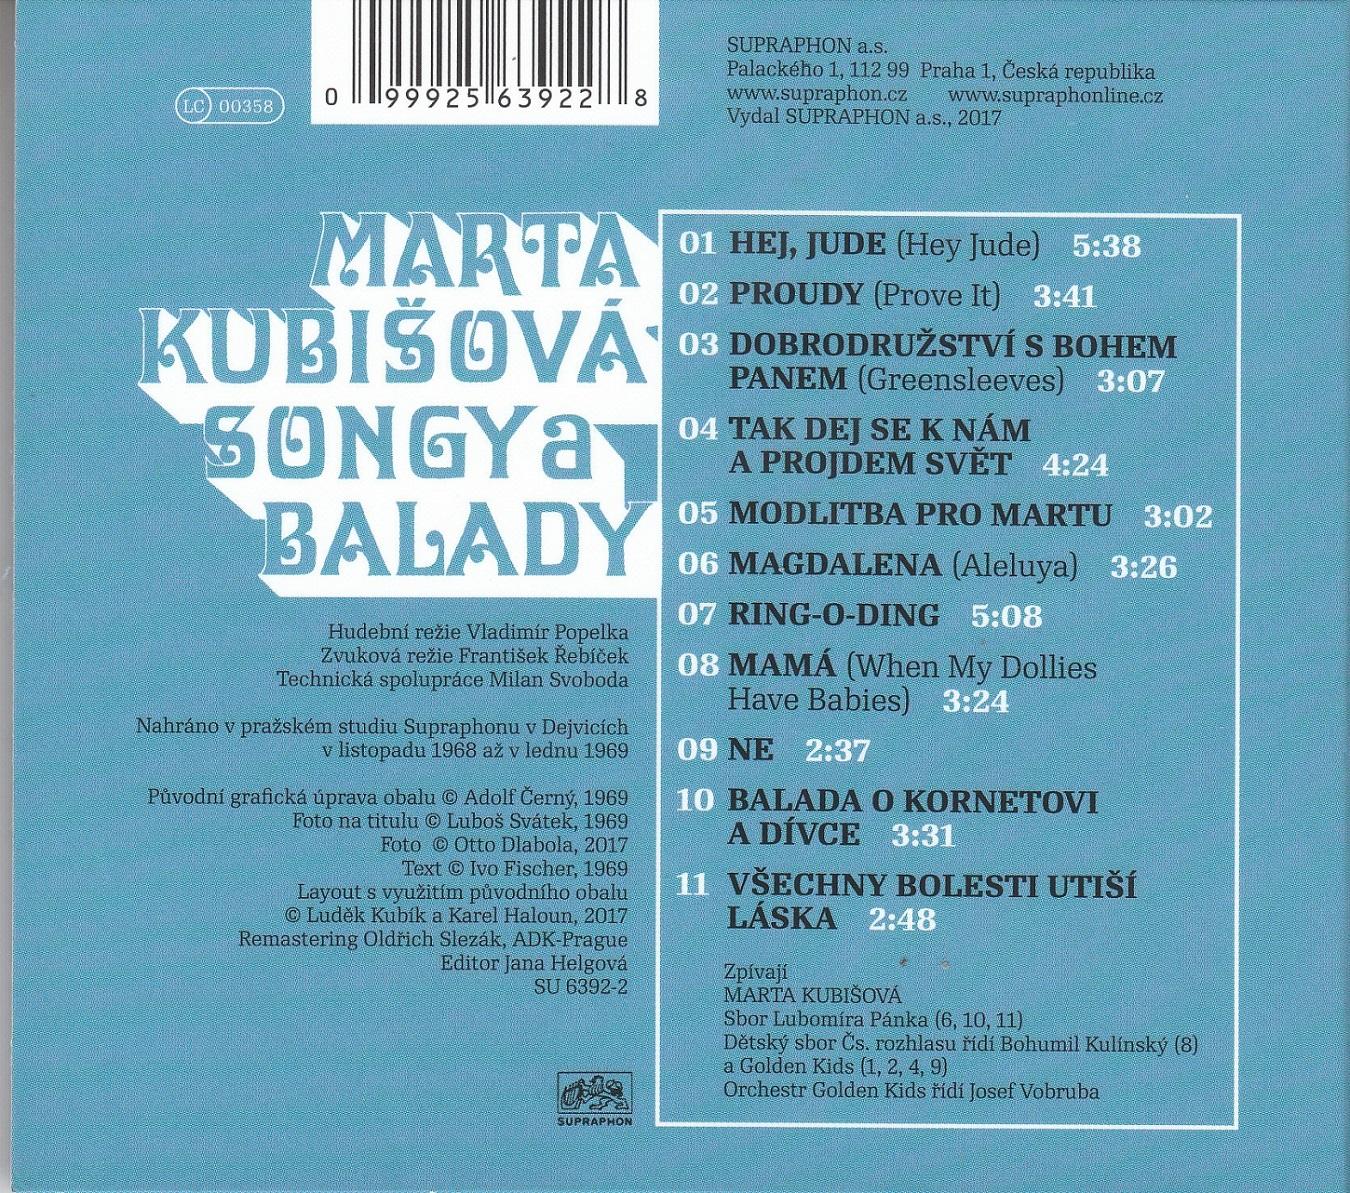 Kubisova CD revers